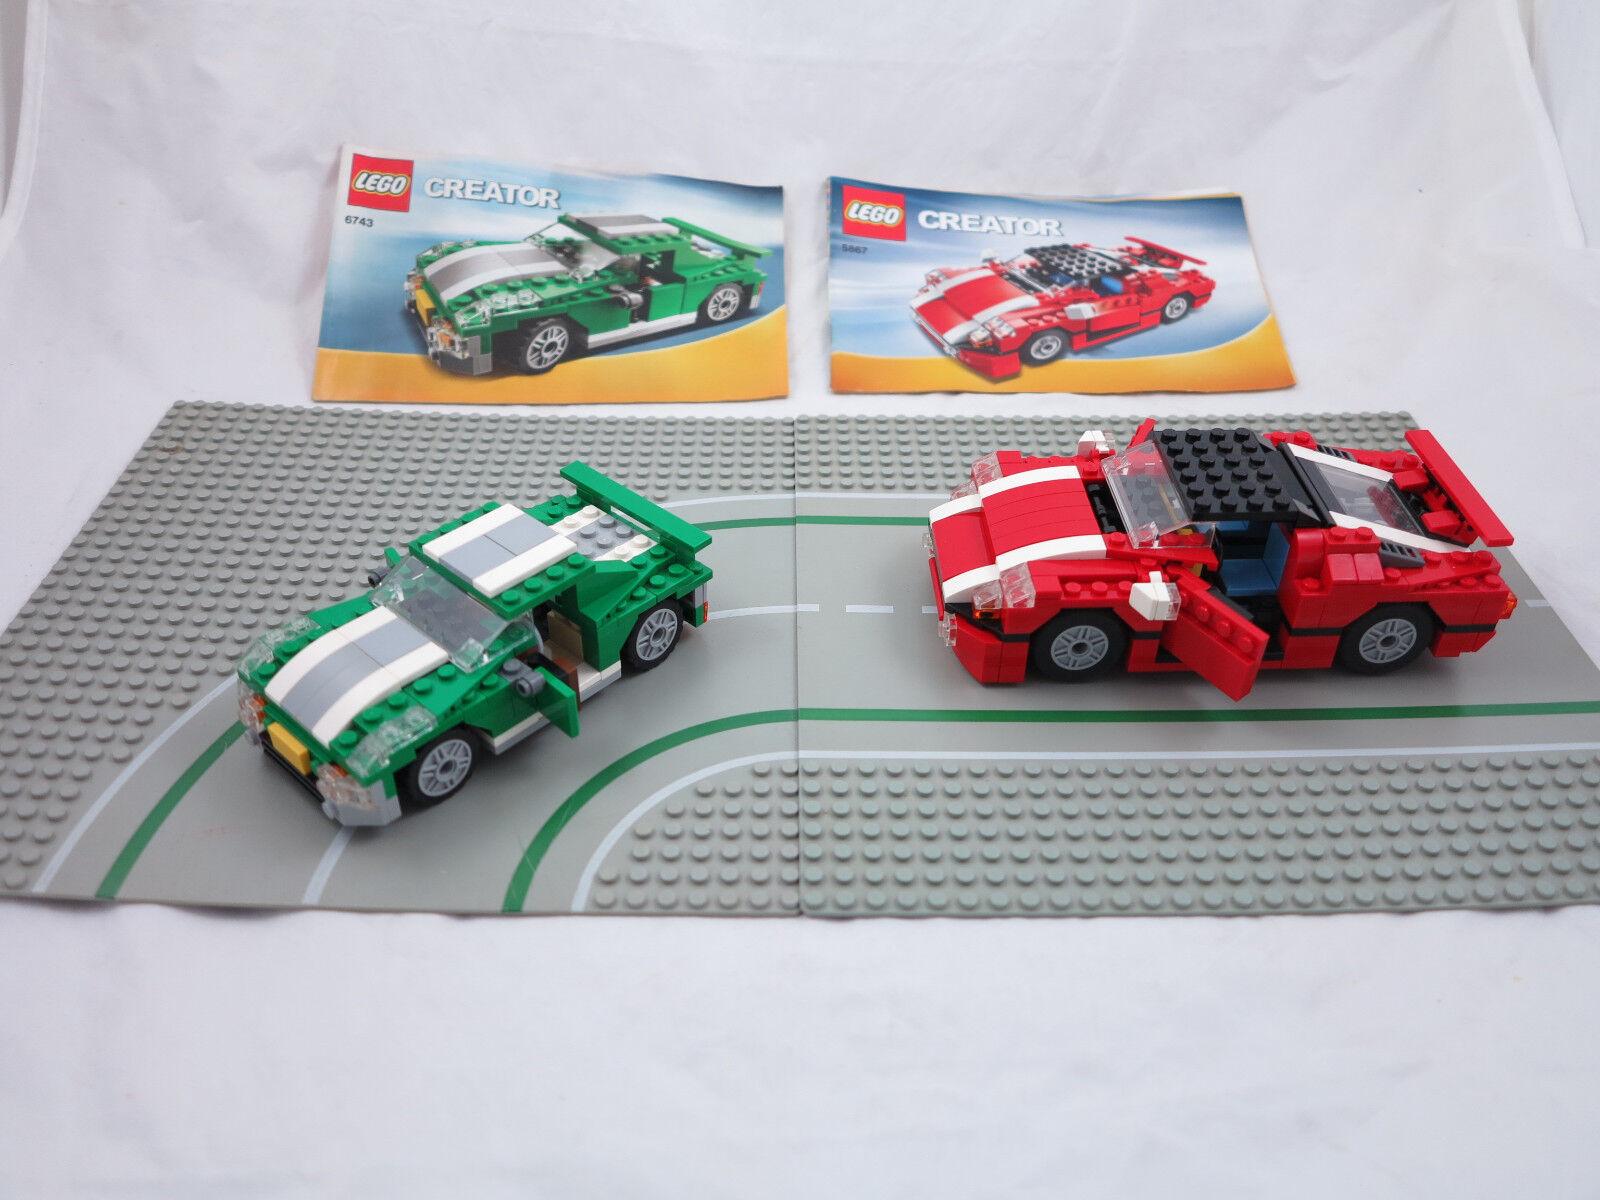 LEGO CREATOR 5867 6743  2x AUTO + 2-piastre  + OBA la raccolta Collezione ( 113)